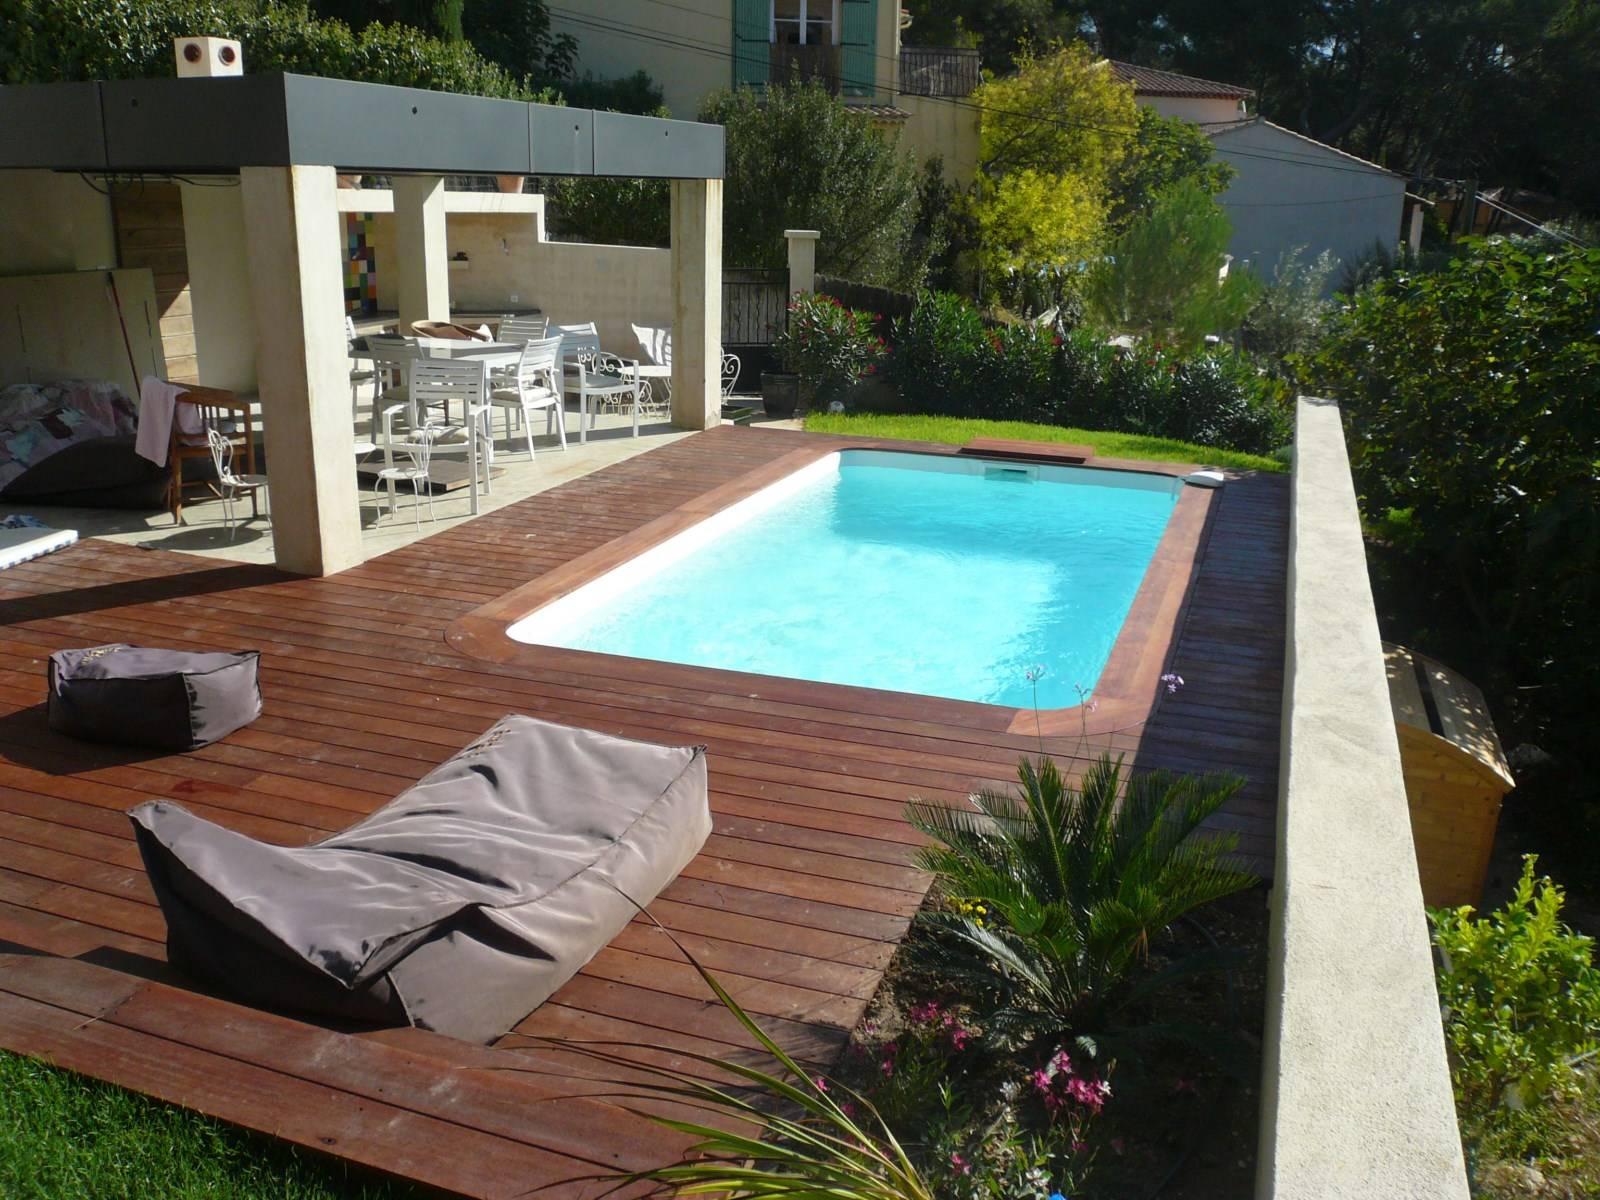 filtration piscine 6x3. Black Bedroom Furniture Sets. Home Design Ideas